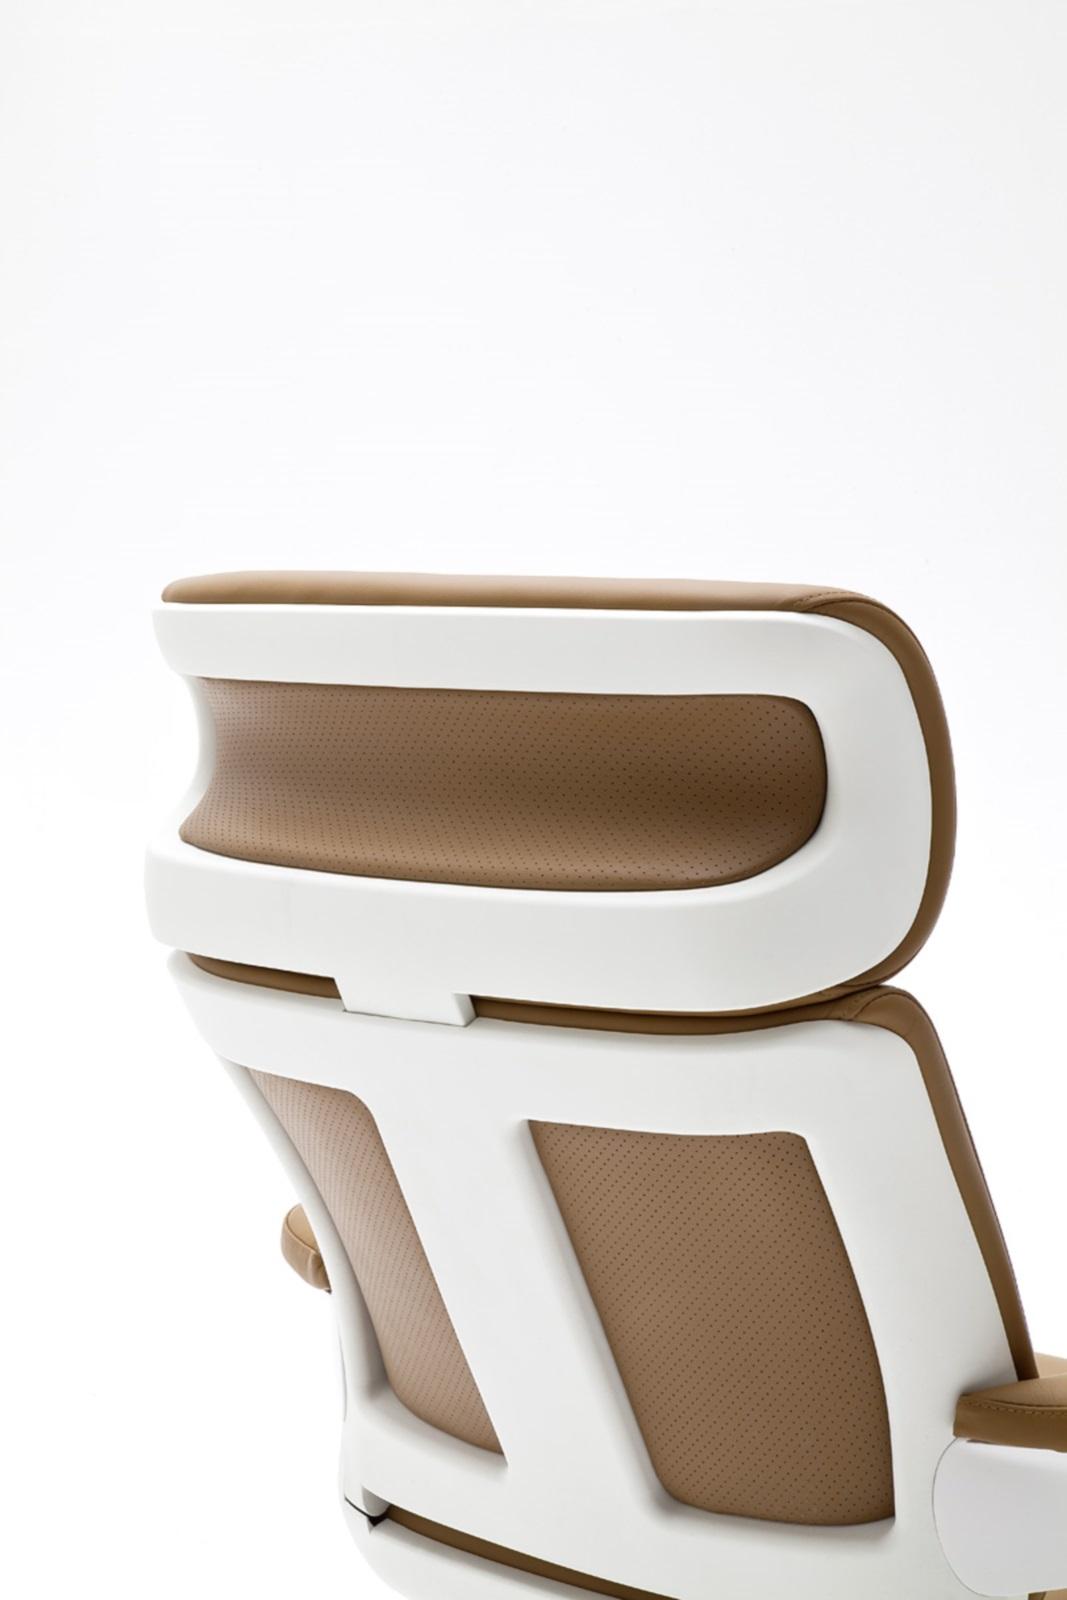 relax sessel favorite mit hocker rindsleder relaxsessel. Black Bedroom Furniture Sets. Home Design Ideas